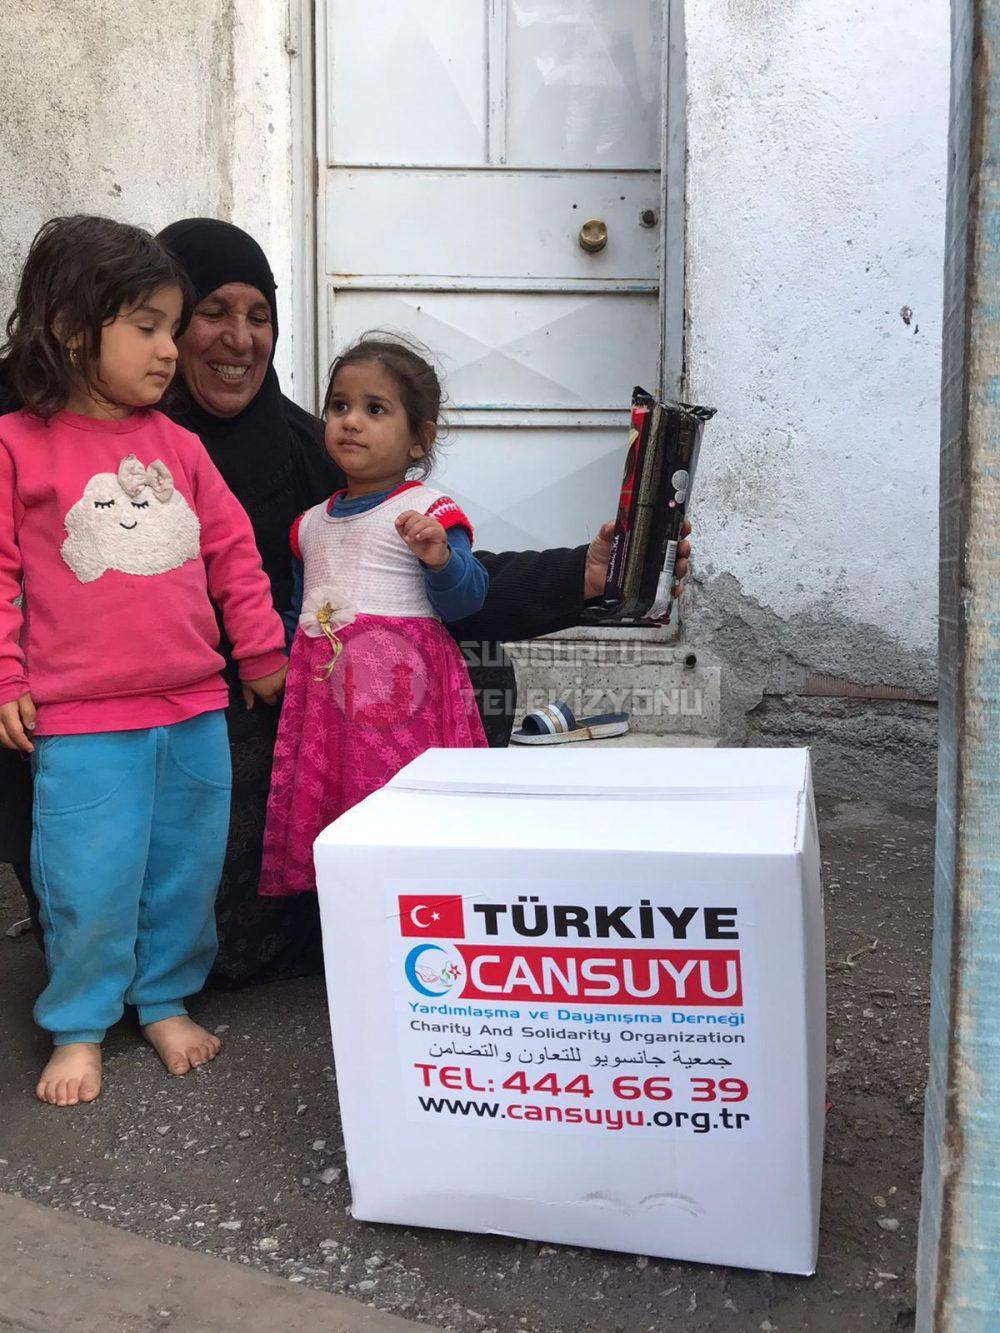 Koronavirüs ve Ramazan ayı nedeniyle temel ihtiyaçlarını karşılayamayan ve bu süreçte işsiz kalan mağdur vatandaşların yardımına Cansuyu Derneği yetişti. İslam coğrafyasında ve ülkemizin başta İstanbul, Ankara, İzmir gibi büyük şehirlerde olmak üzere birçok kentte, Cansuyu Derneği yardımlarını sürdürüyor. Koronavirüs sürecinde ve Ramazan ayında hem mağdurları yakından takip etmek hem de yardım faaliyetlerini koordineli yürütmek için ekipler oluşturdu. | Sungurlu Haber